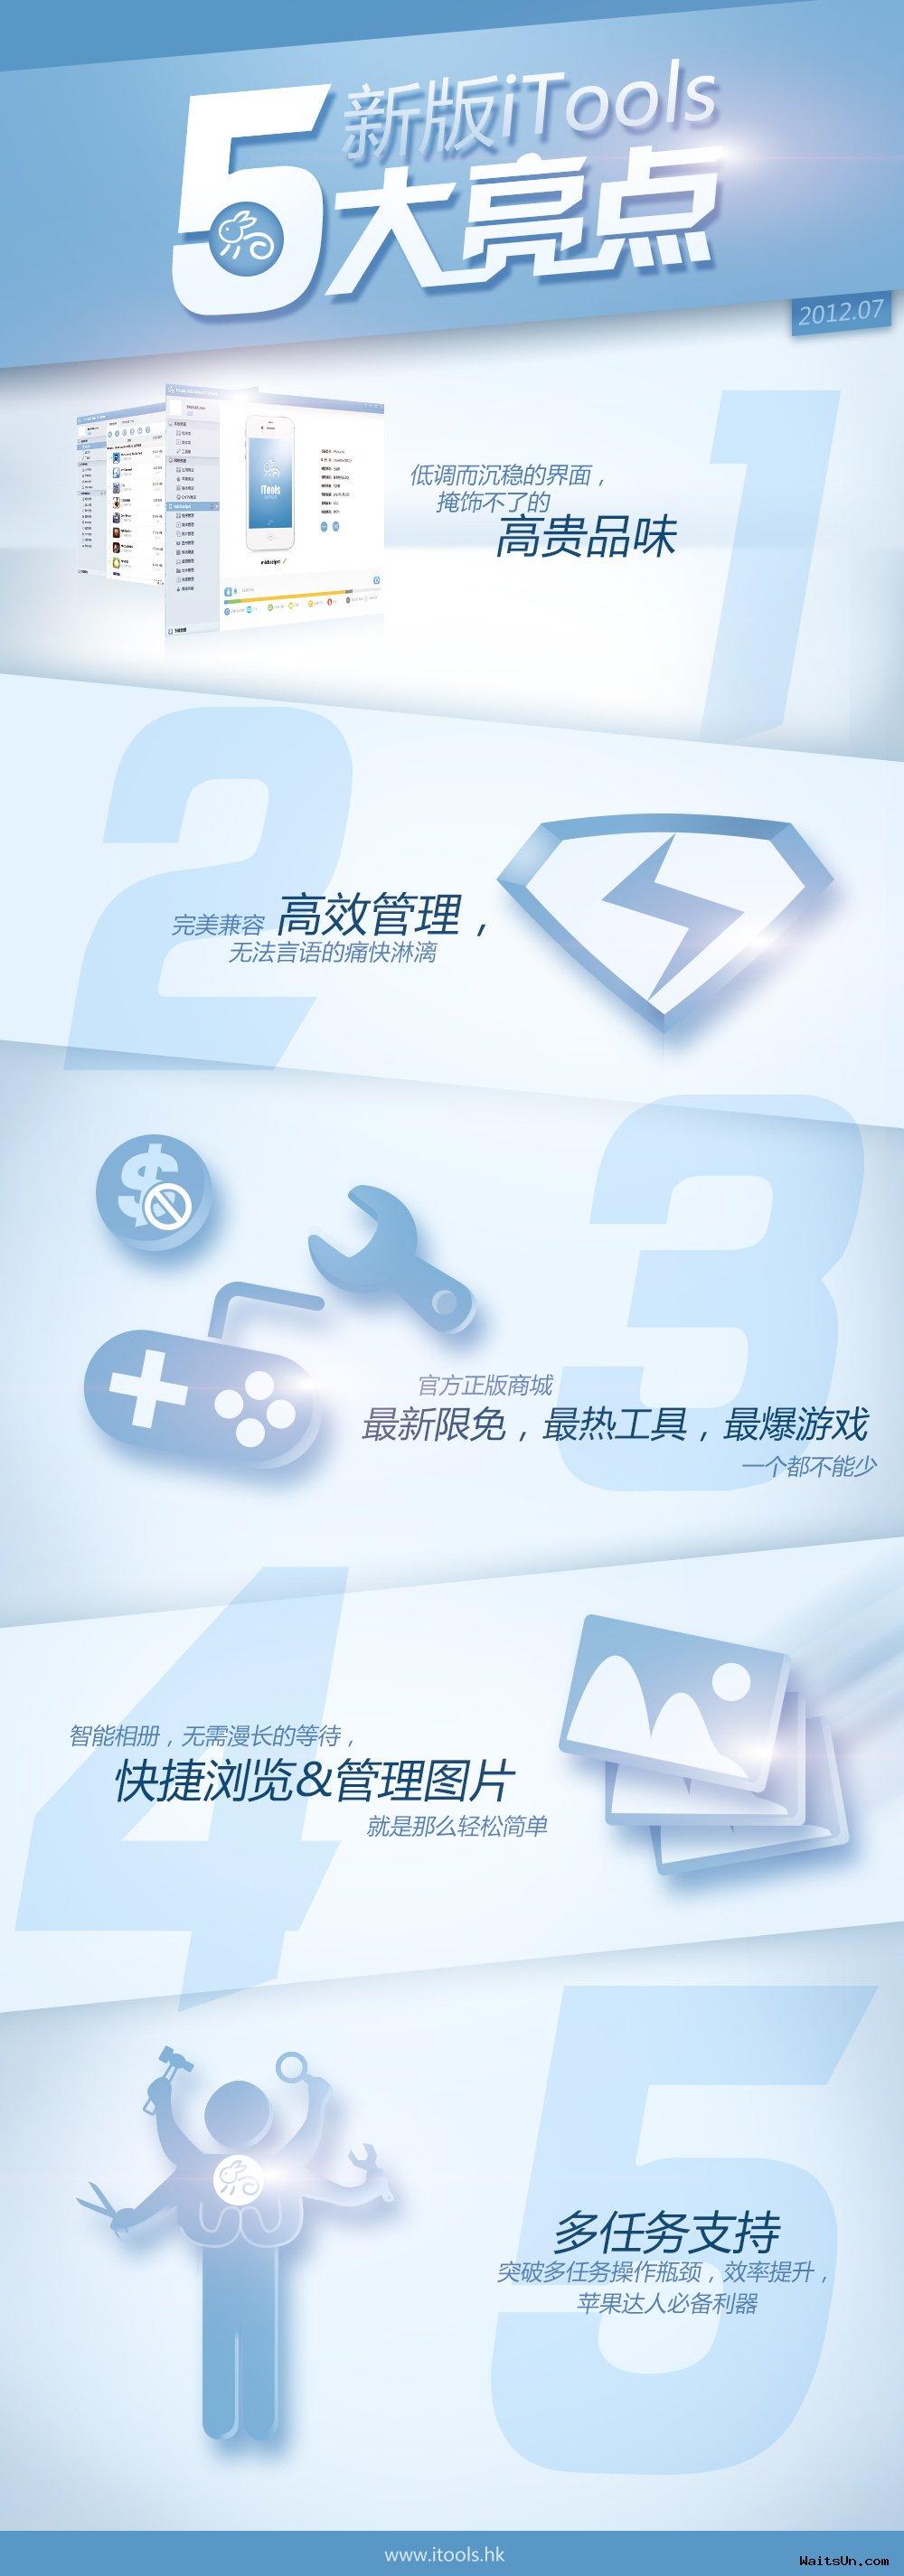 iTools 2012 Build 0725新版发布-麦氪搜(iMacso.com)